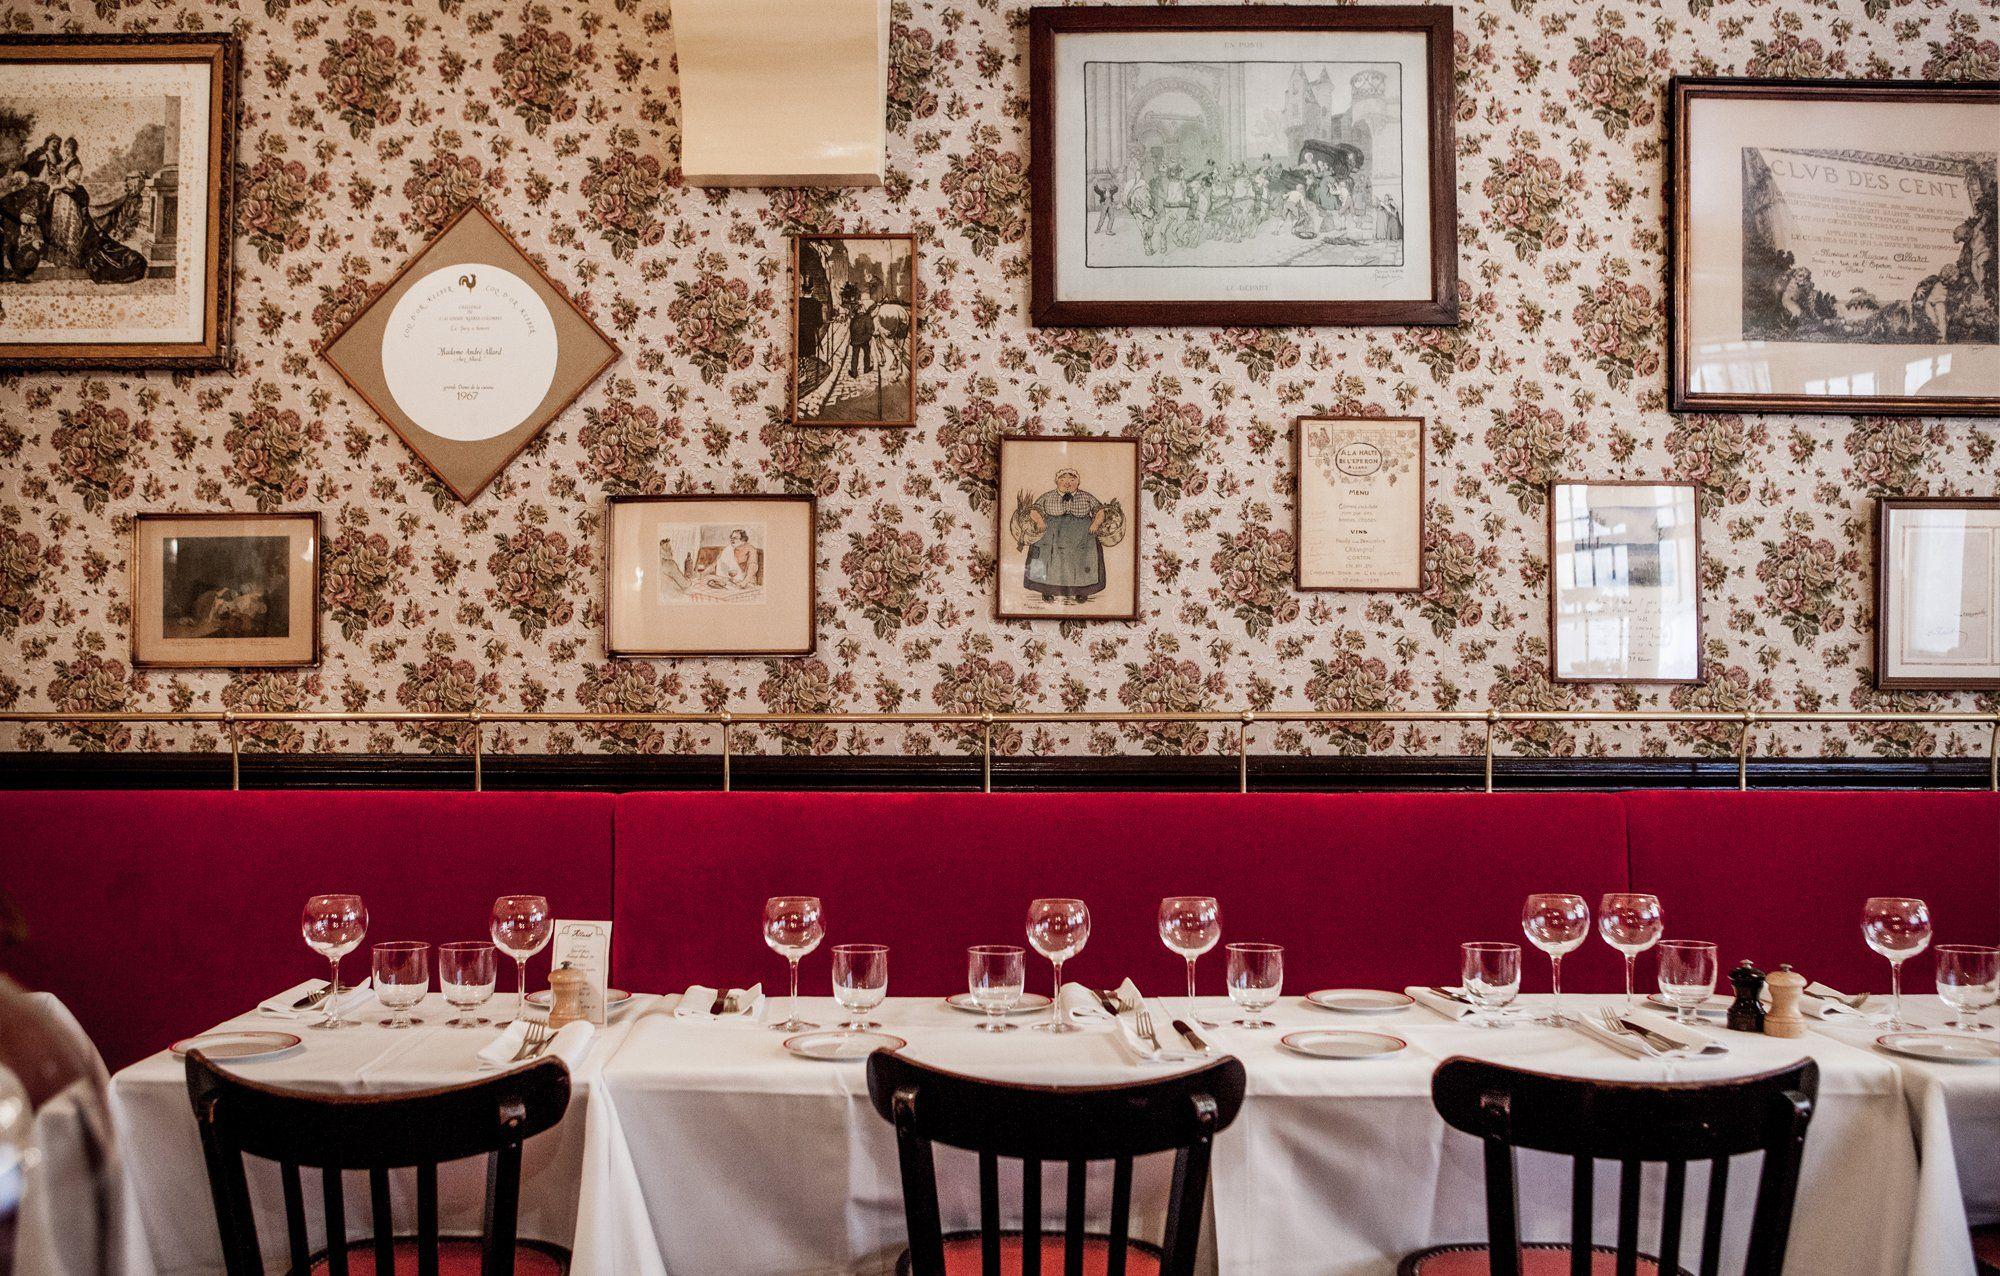 Allard Restaurant Paris St Germain Des Pres Bistro By Alain Ducasse Paris Restaurants Romantic Restaurant Best Restaurants In Paris